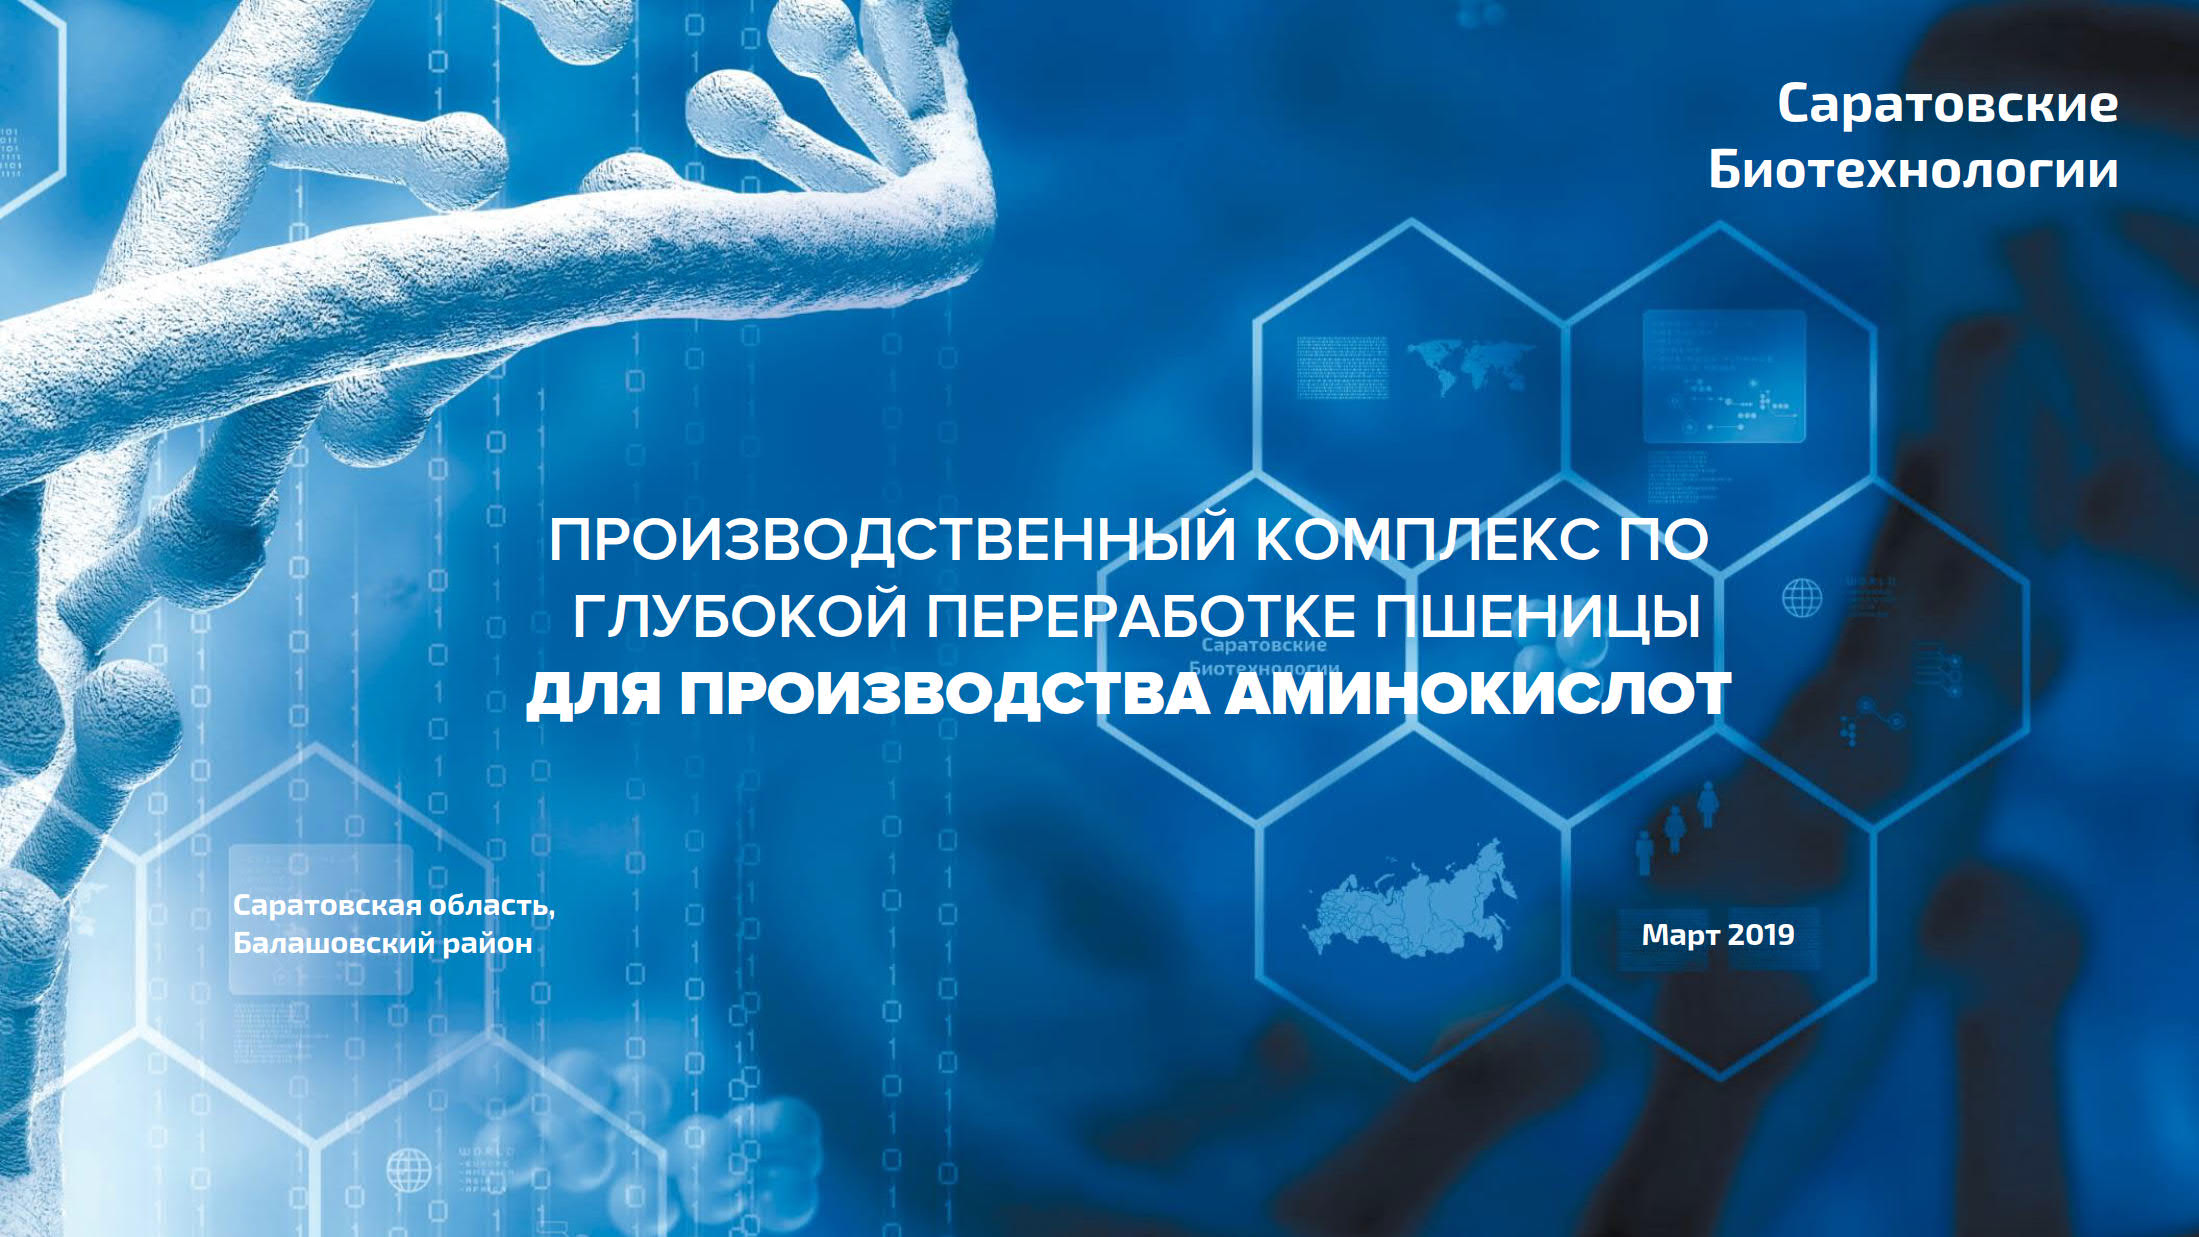 prezentacziya-kompleksa-dlya-proizvodstva-aminokislot-pererabotka-pshenicy-proizvodstvo-aminokislot